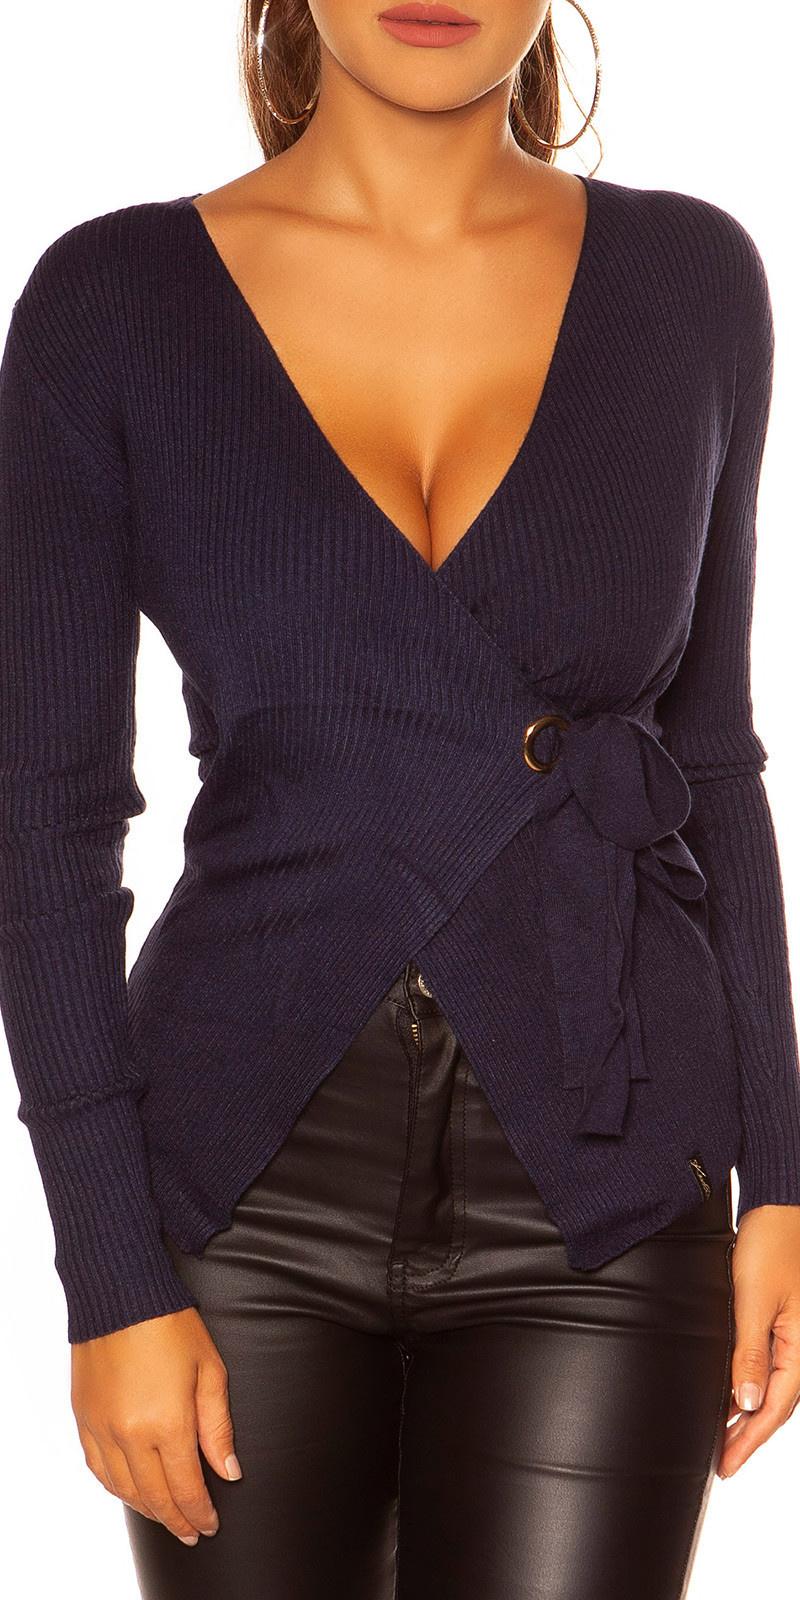 Sexy wikkel sweater-trui marineblauw